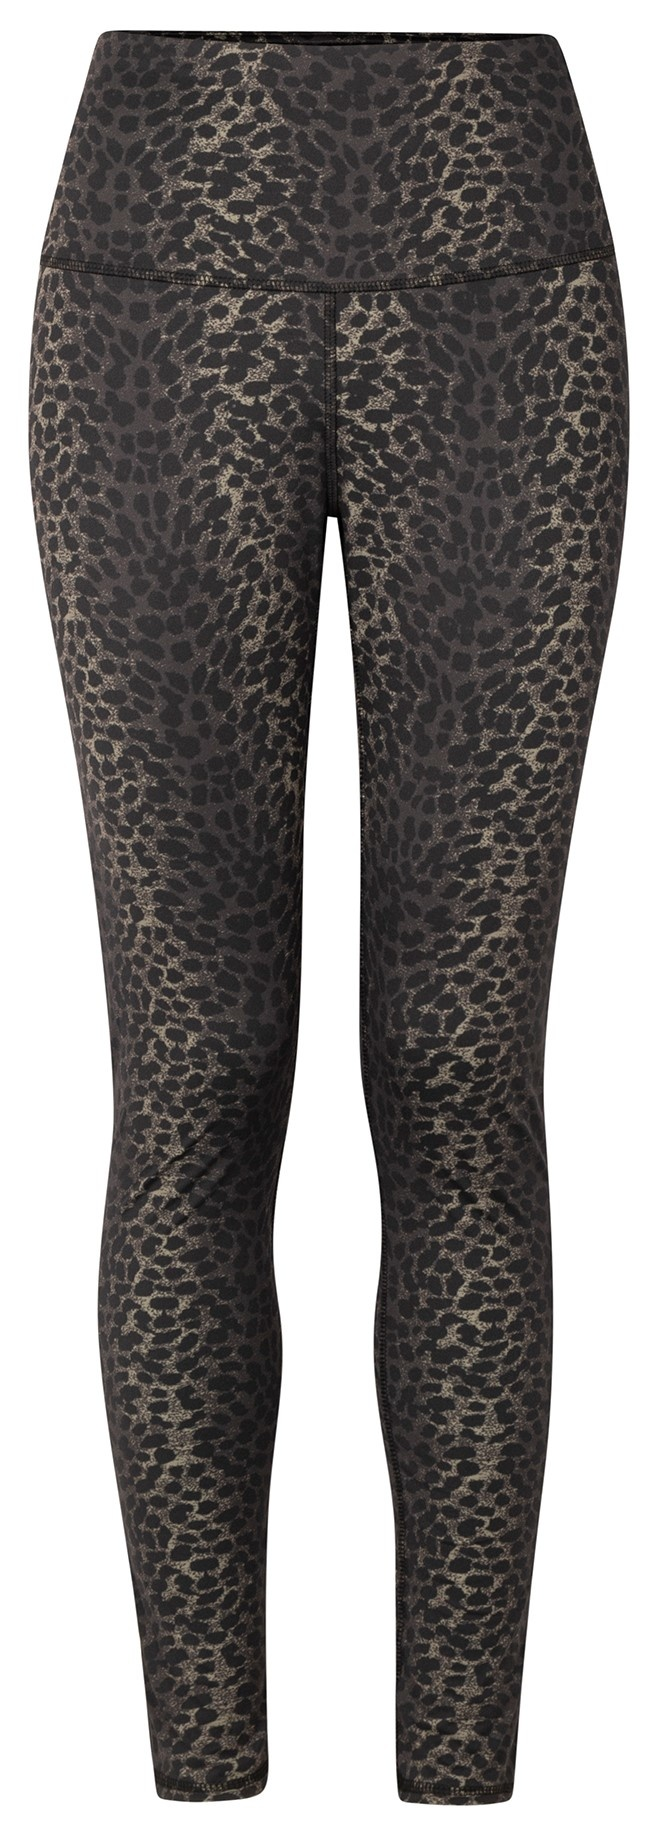 Legging yoga leopard camo desert taupe-1